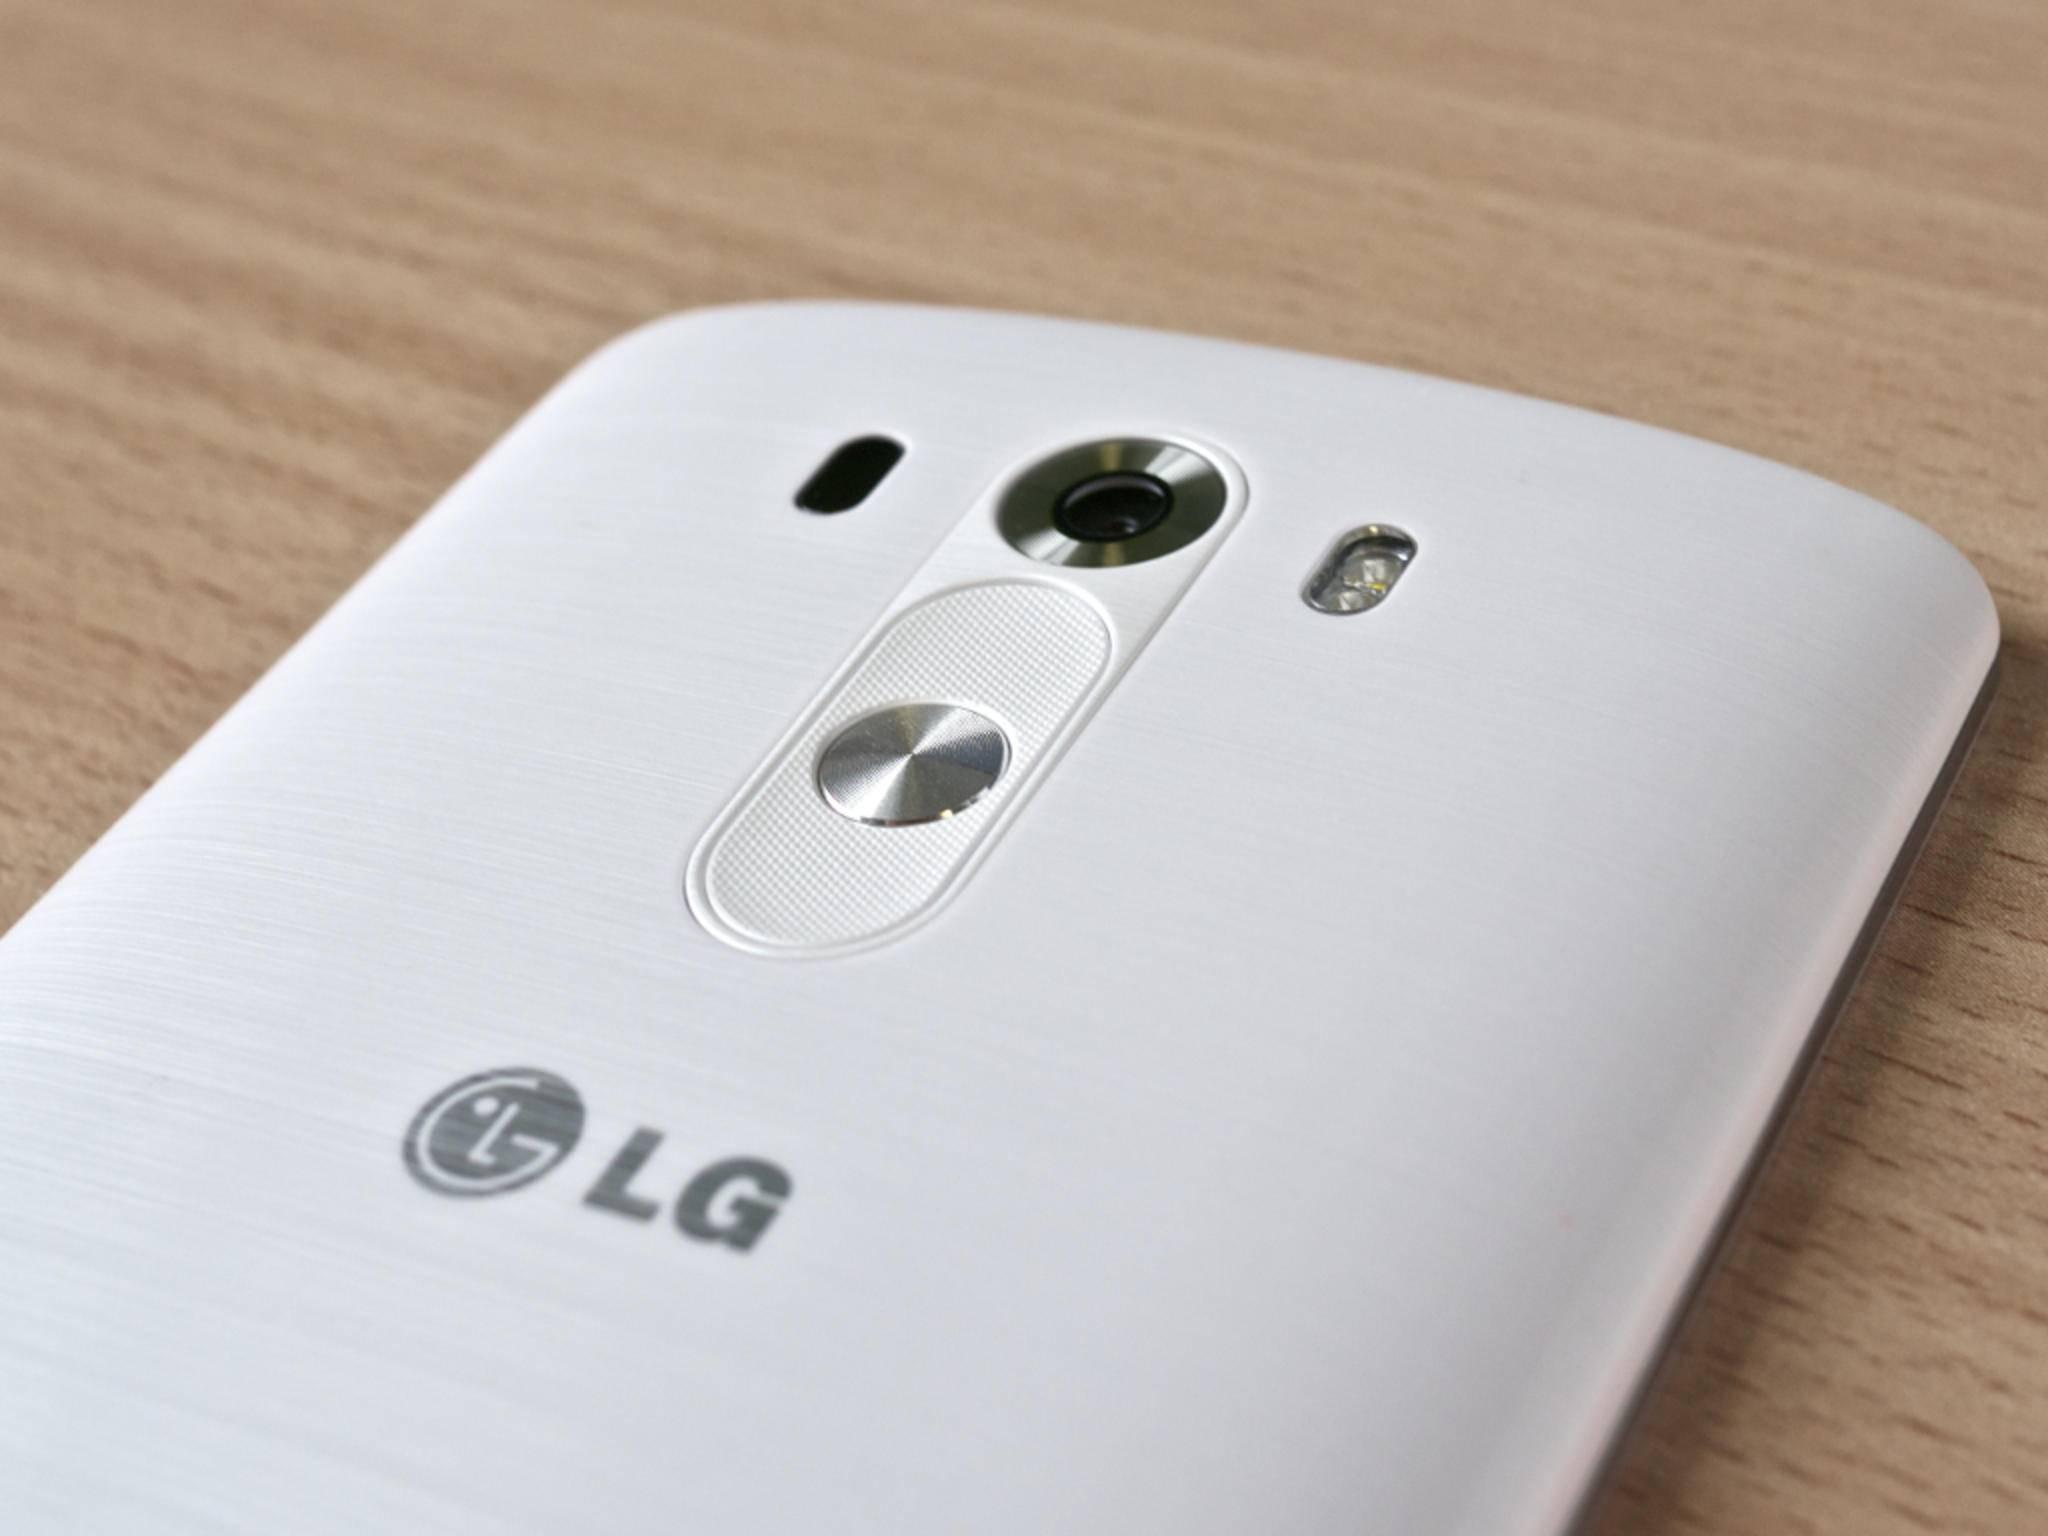 Rückkamera des LG G3